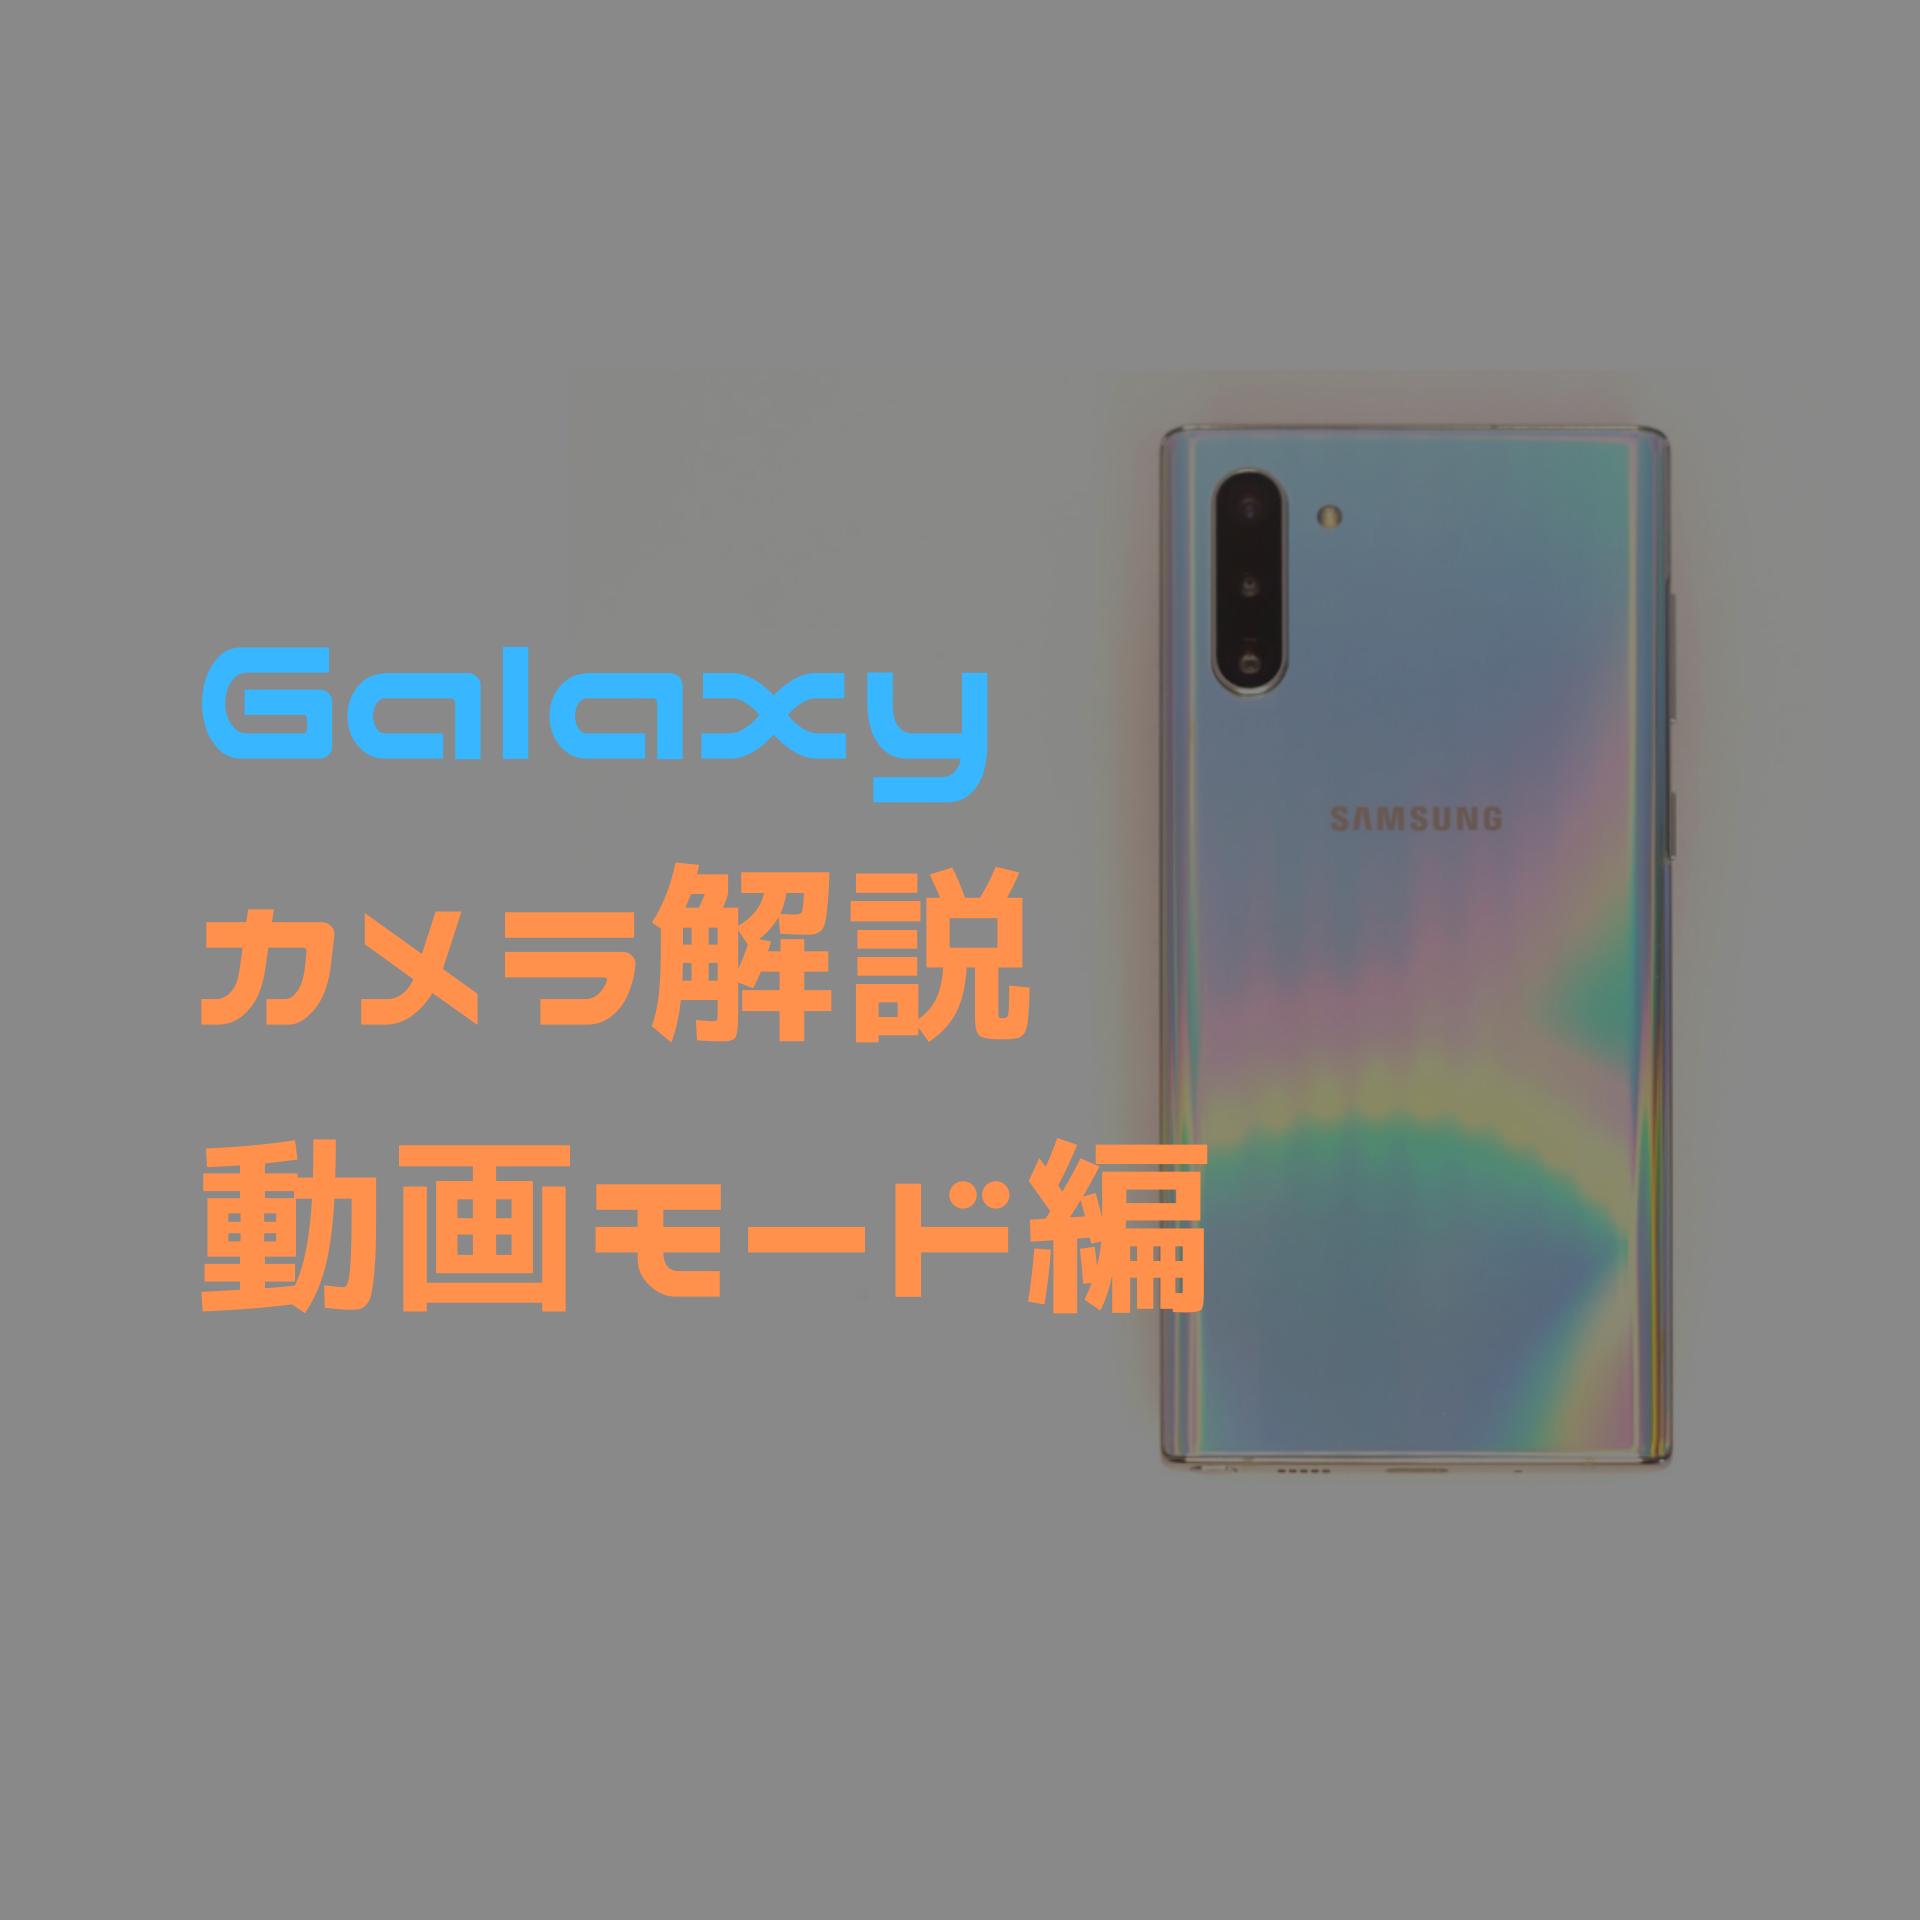 【Galaxy】カメラ解説「動画モード」編